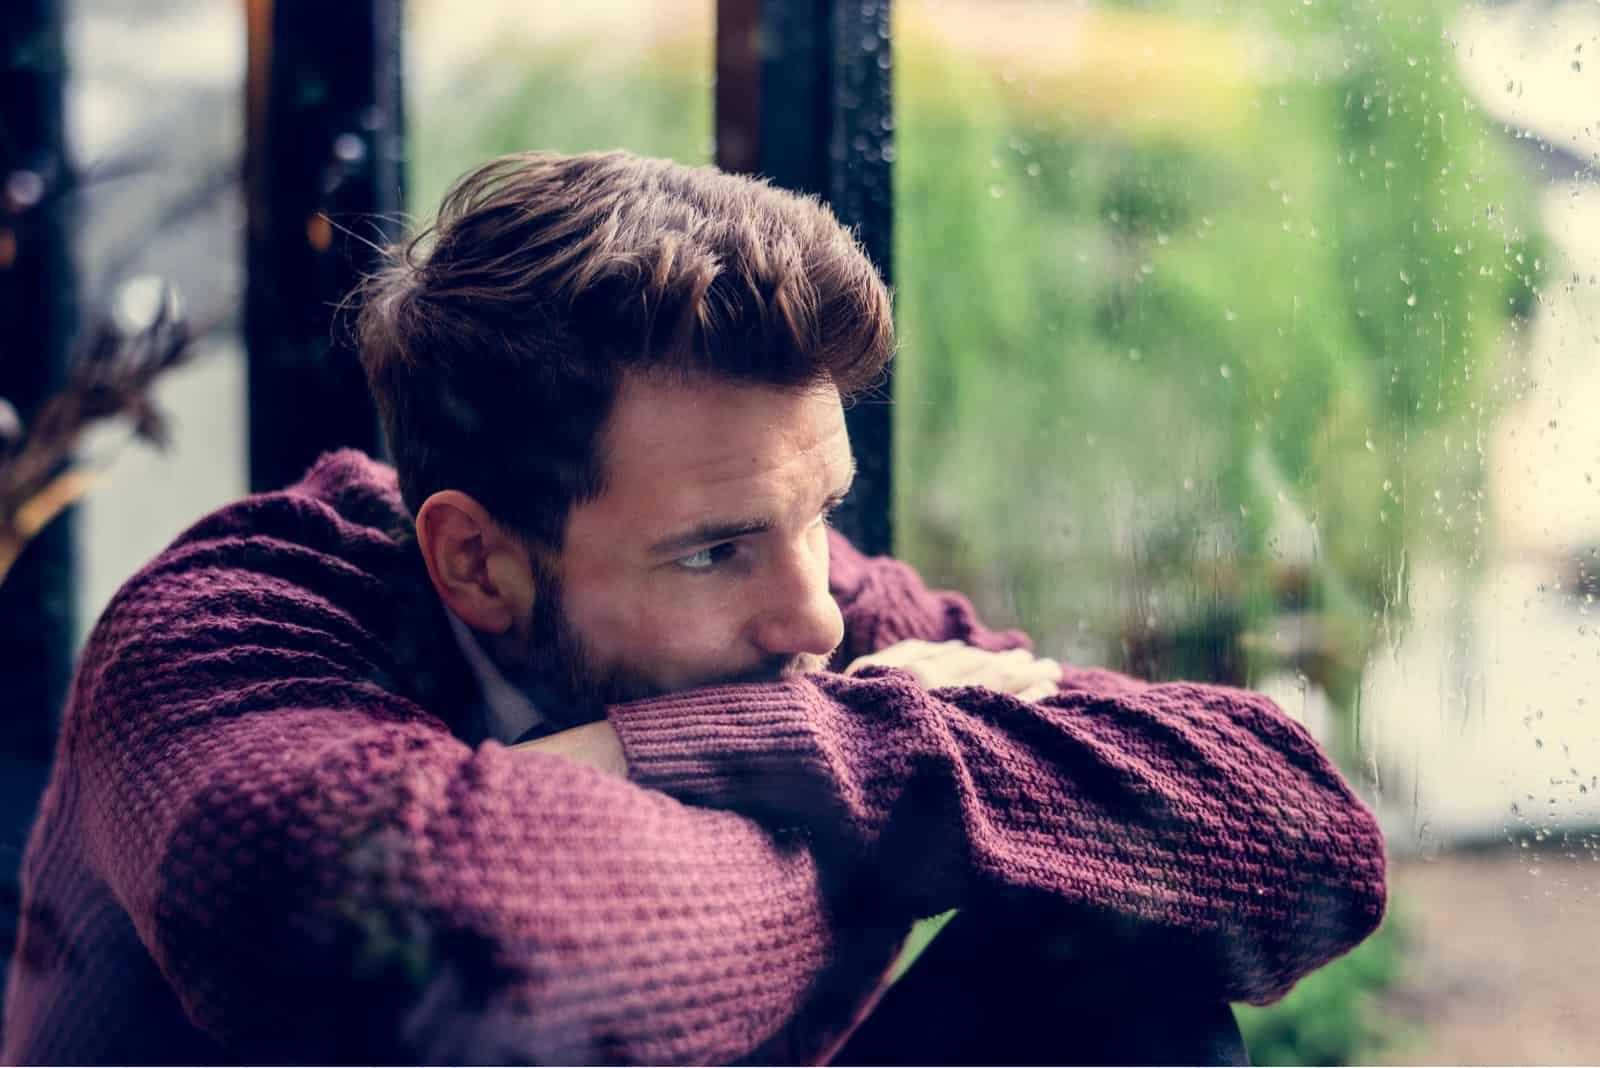 Nachdenklicher Mann, der aus dem Fenster schaut